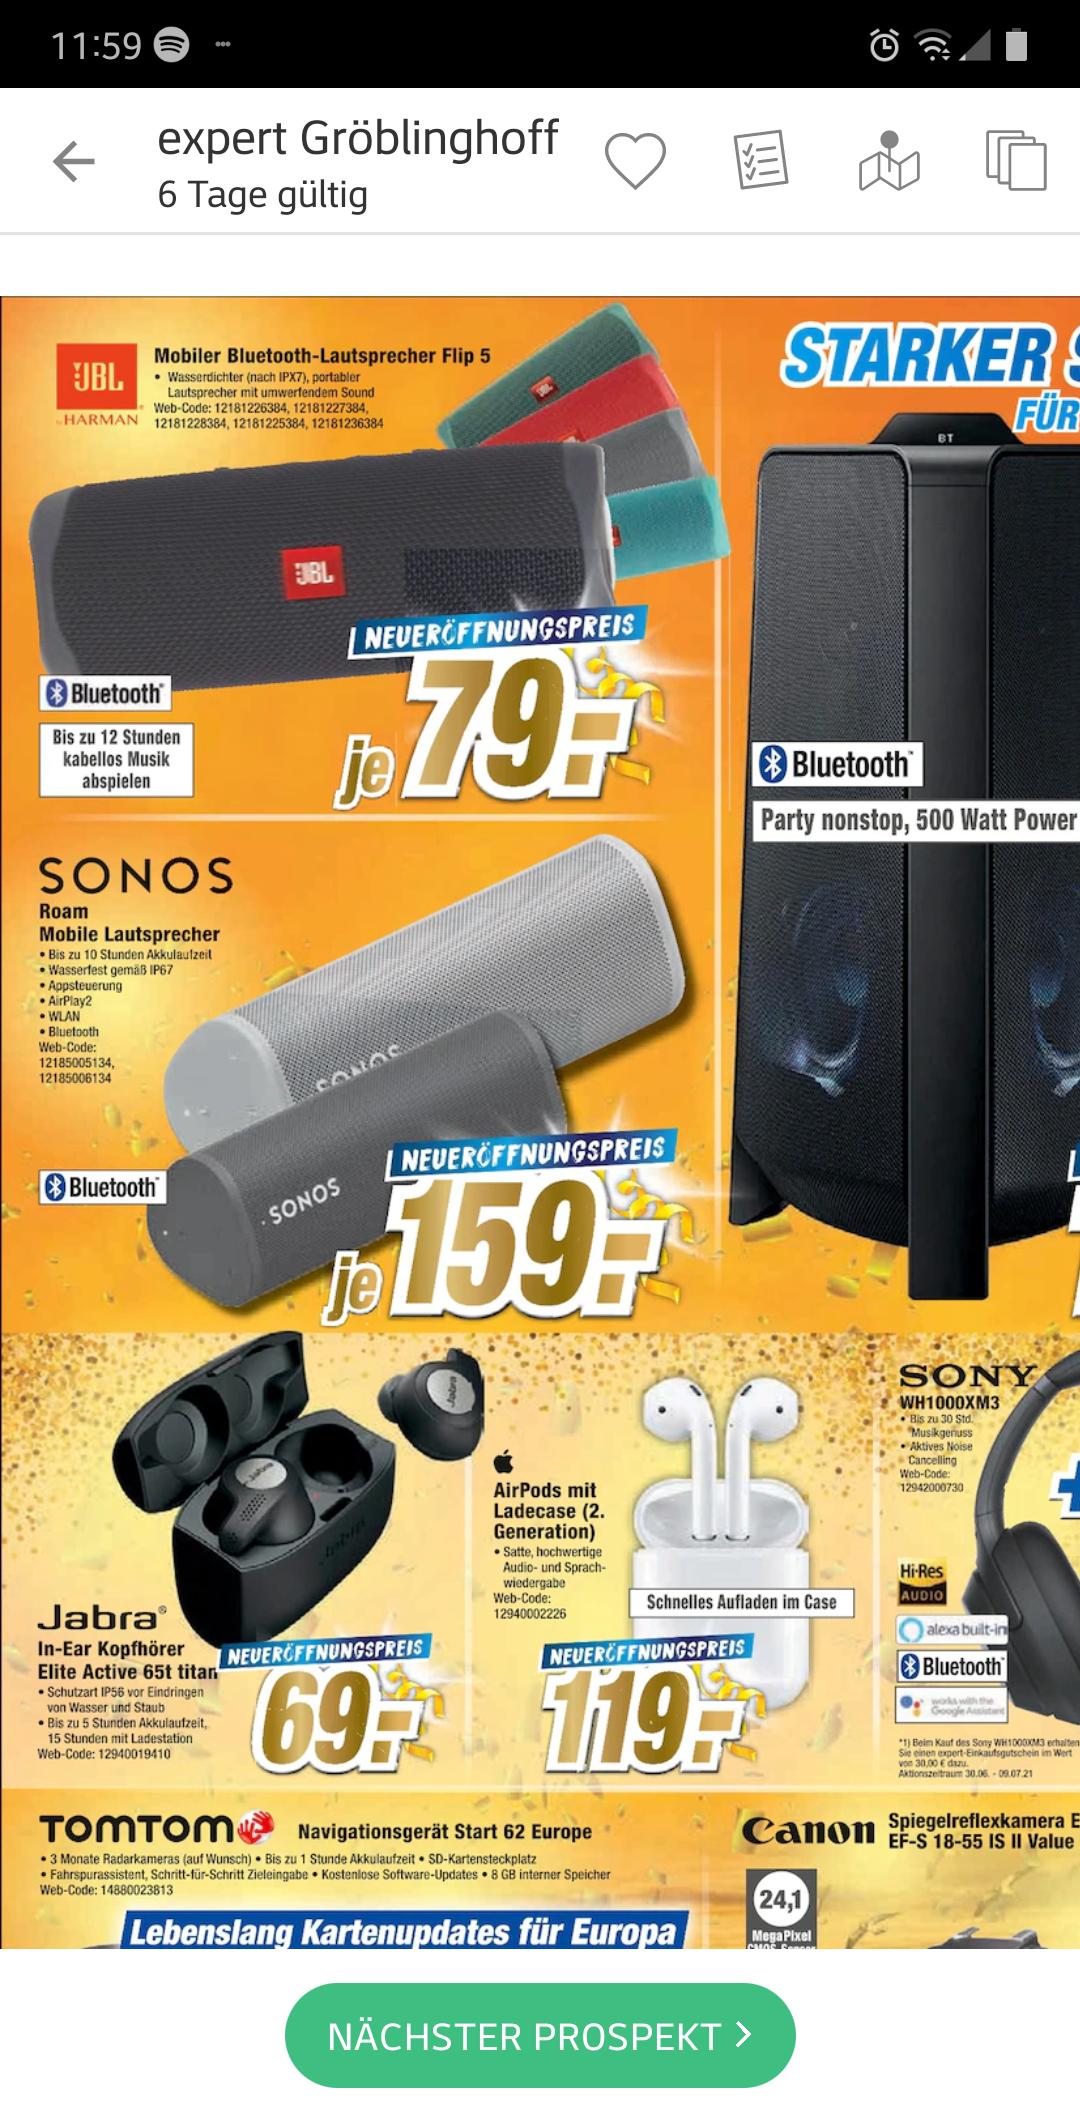 Sonos Roam bei Expert in Euskirchen (lokal) auch Online plus 3,99€ Versand